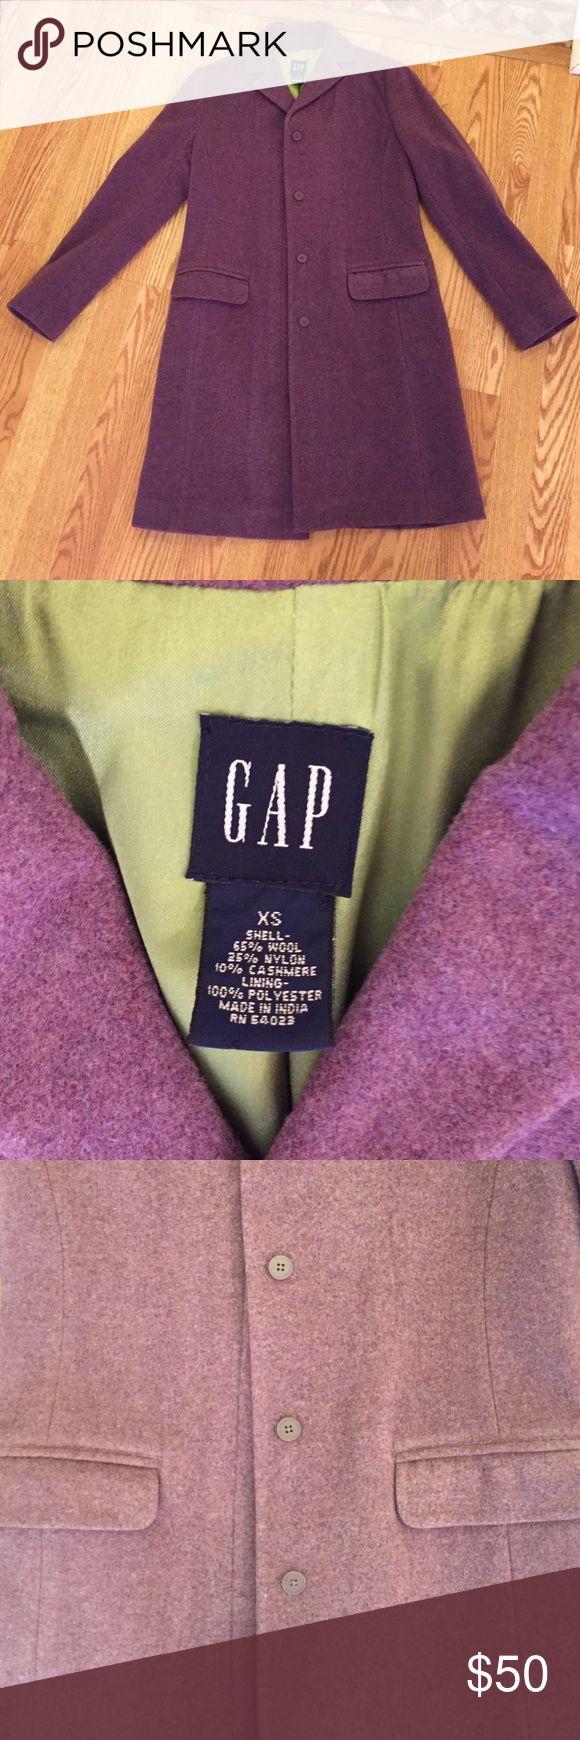 Gap coat Gap coat. Excellent condition. GAP Jackets & Coats